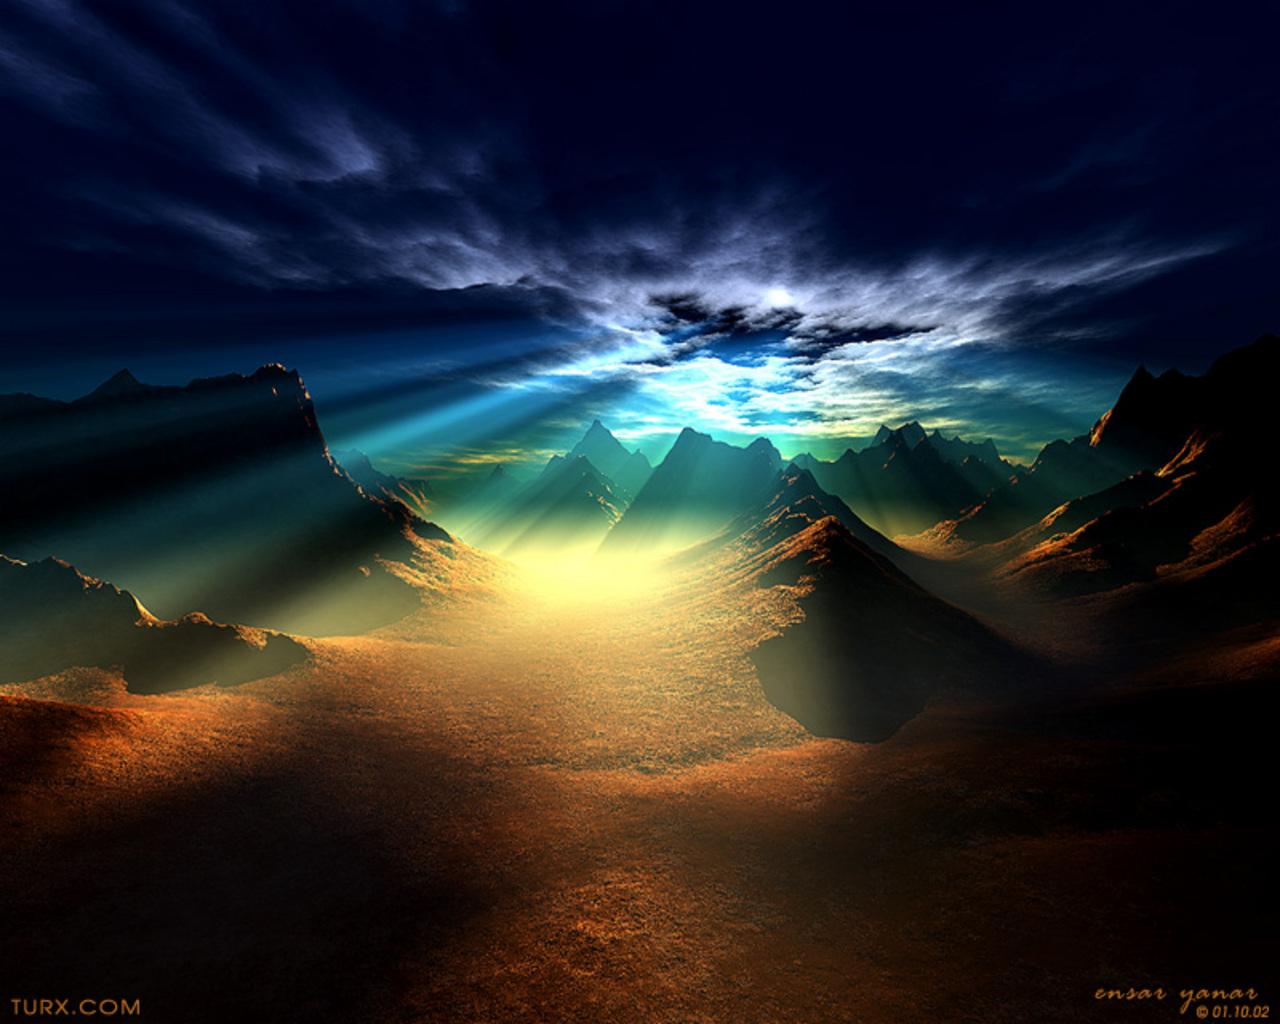 http://1.bp.blogspot.com/-L-zbcIzHclA/TjCIzsW0QuI/AAAAAAAAA6M/V7m--YnpCCQ/s1600/desert-hd-wallpaper-sun.jpg